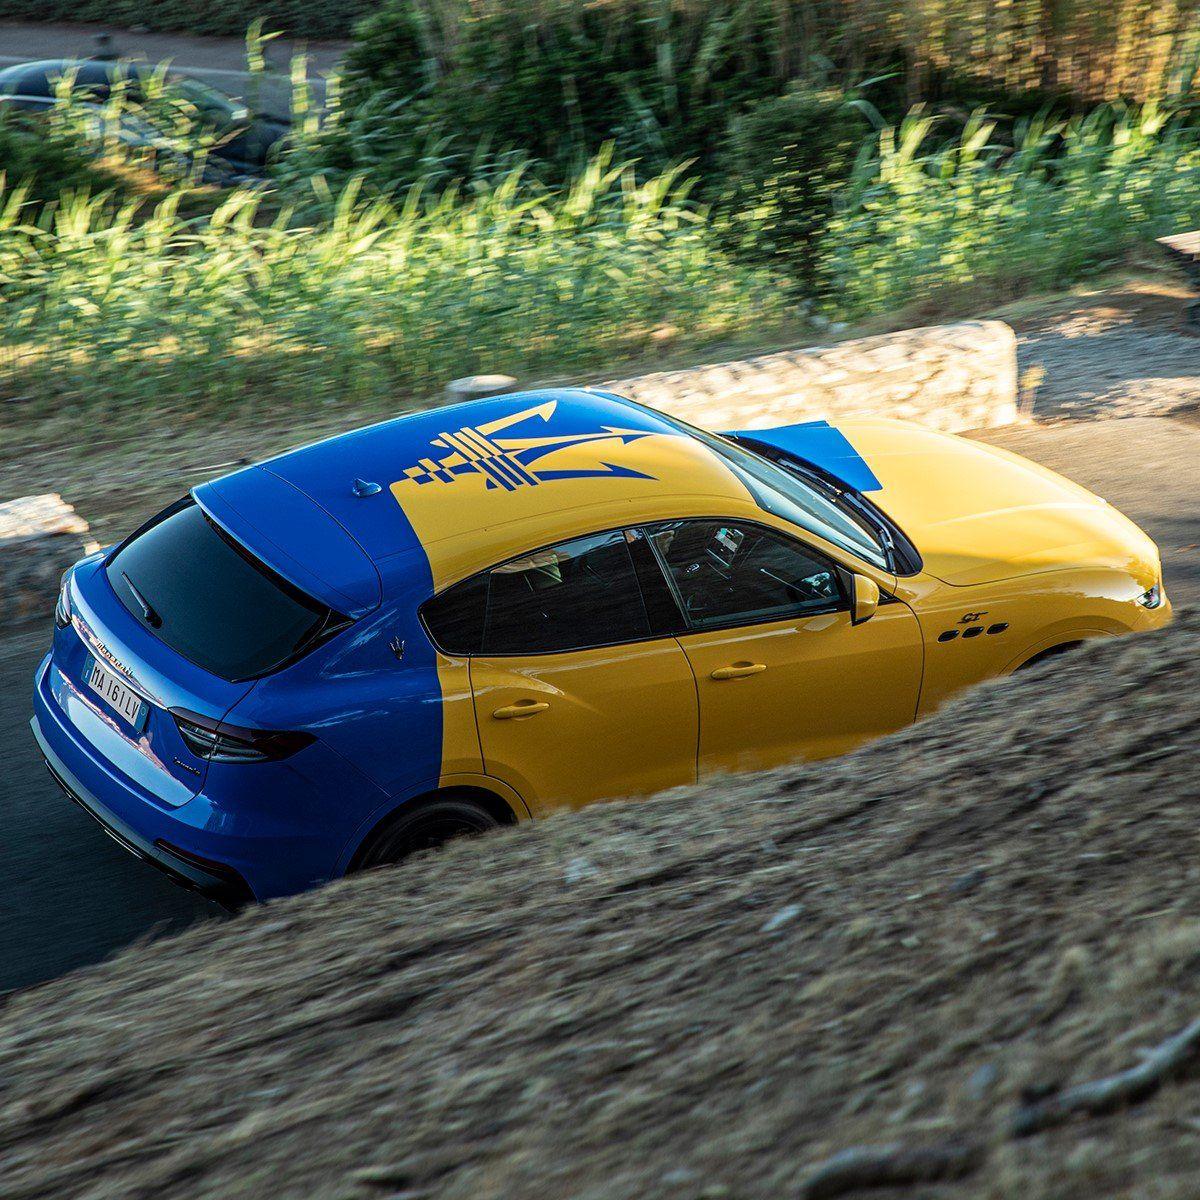 День Флага: самые известные желто-голубые автомобили 4